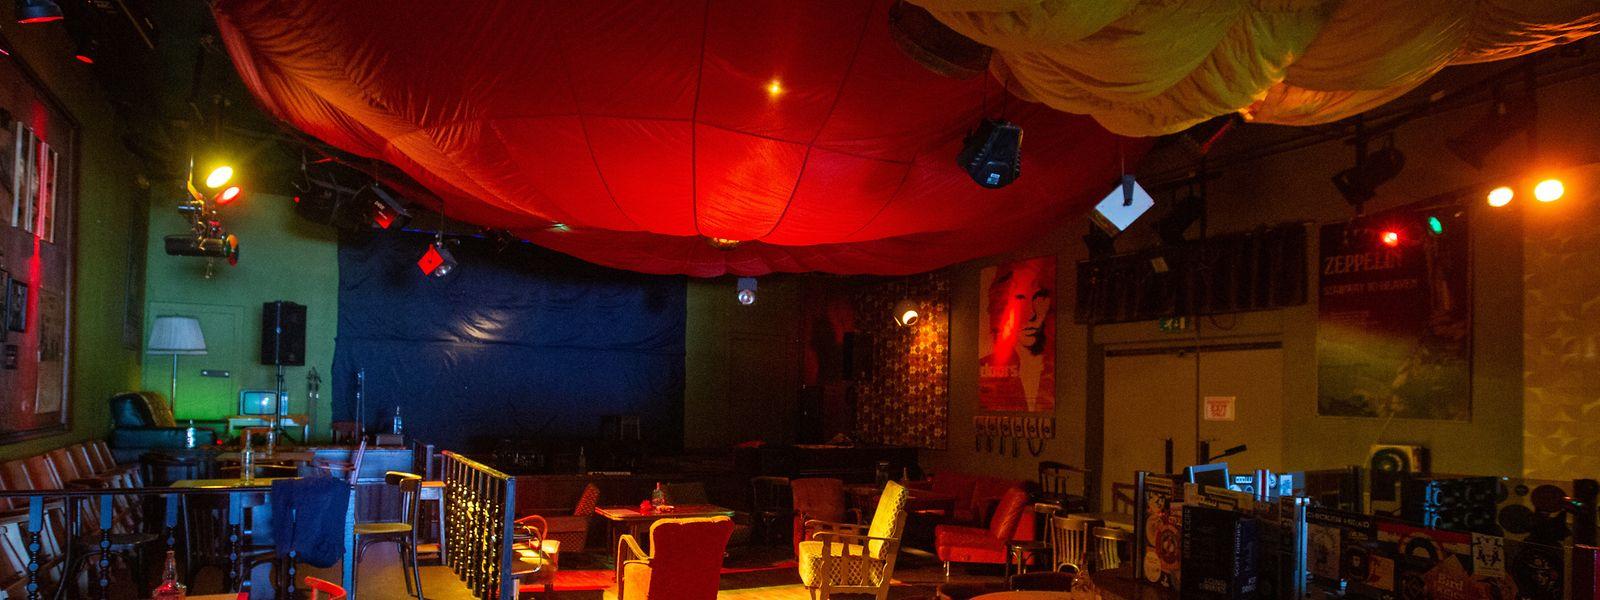 Unverkennbar: Seit Jahrzehnten hängt ein – originaler – Fallschirm von der Decke der Disco.